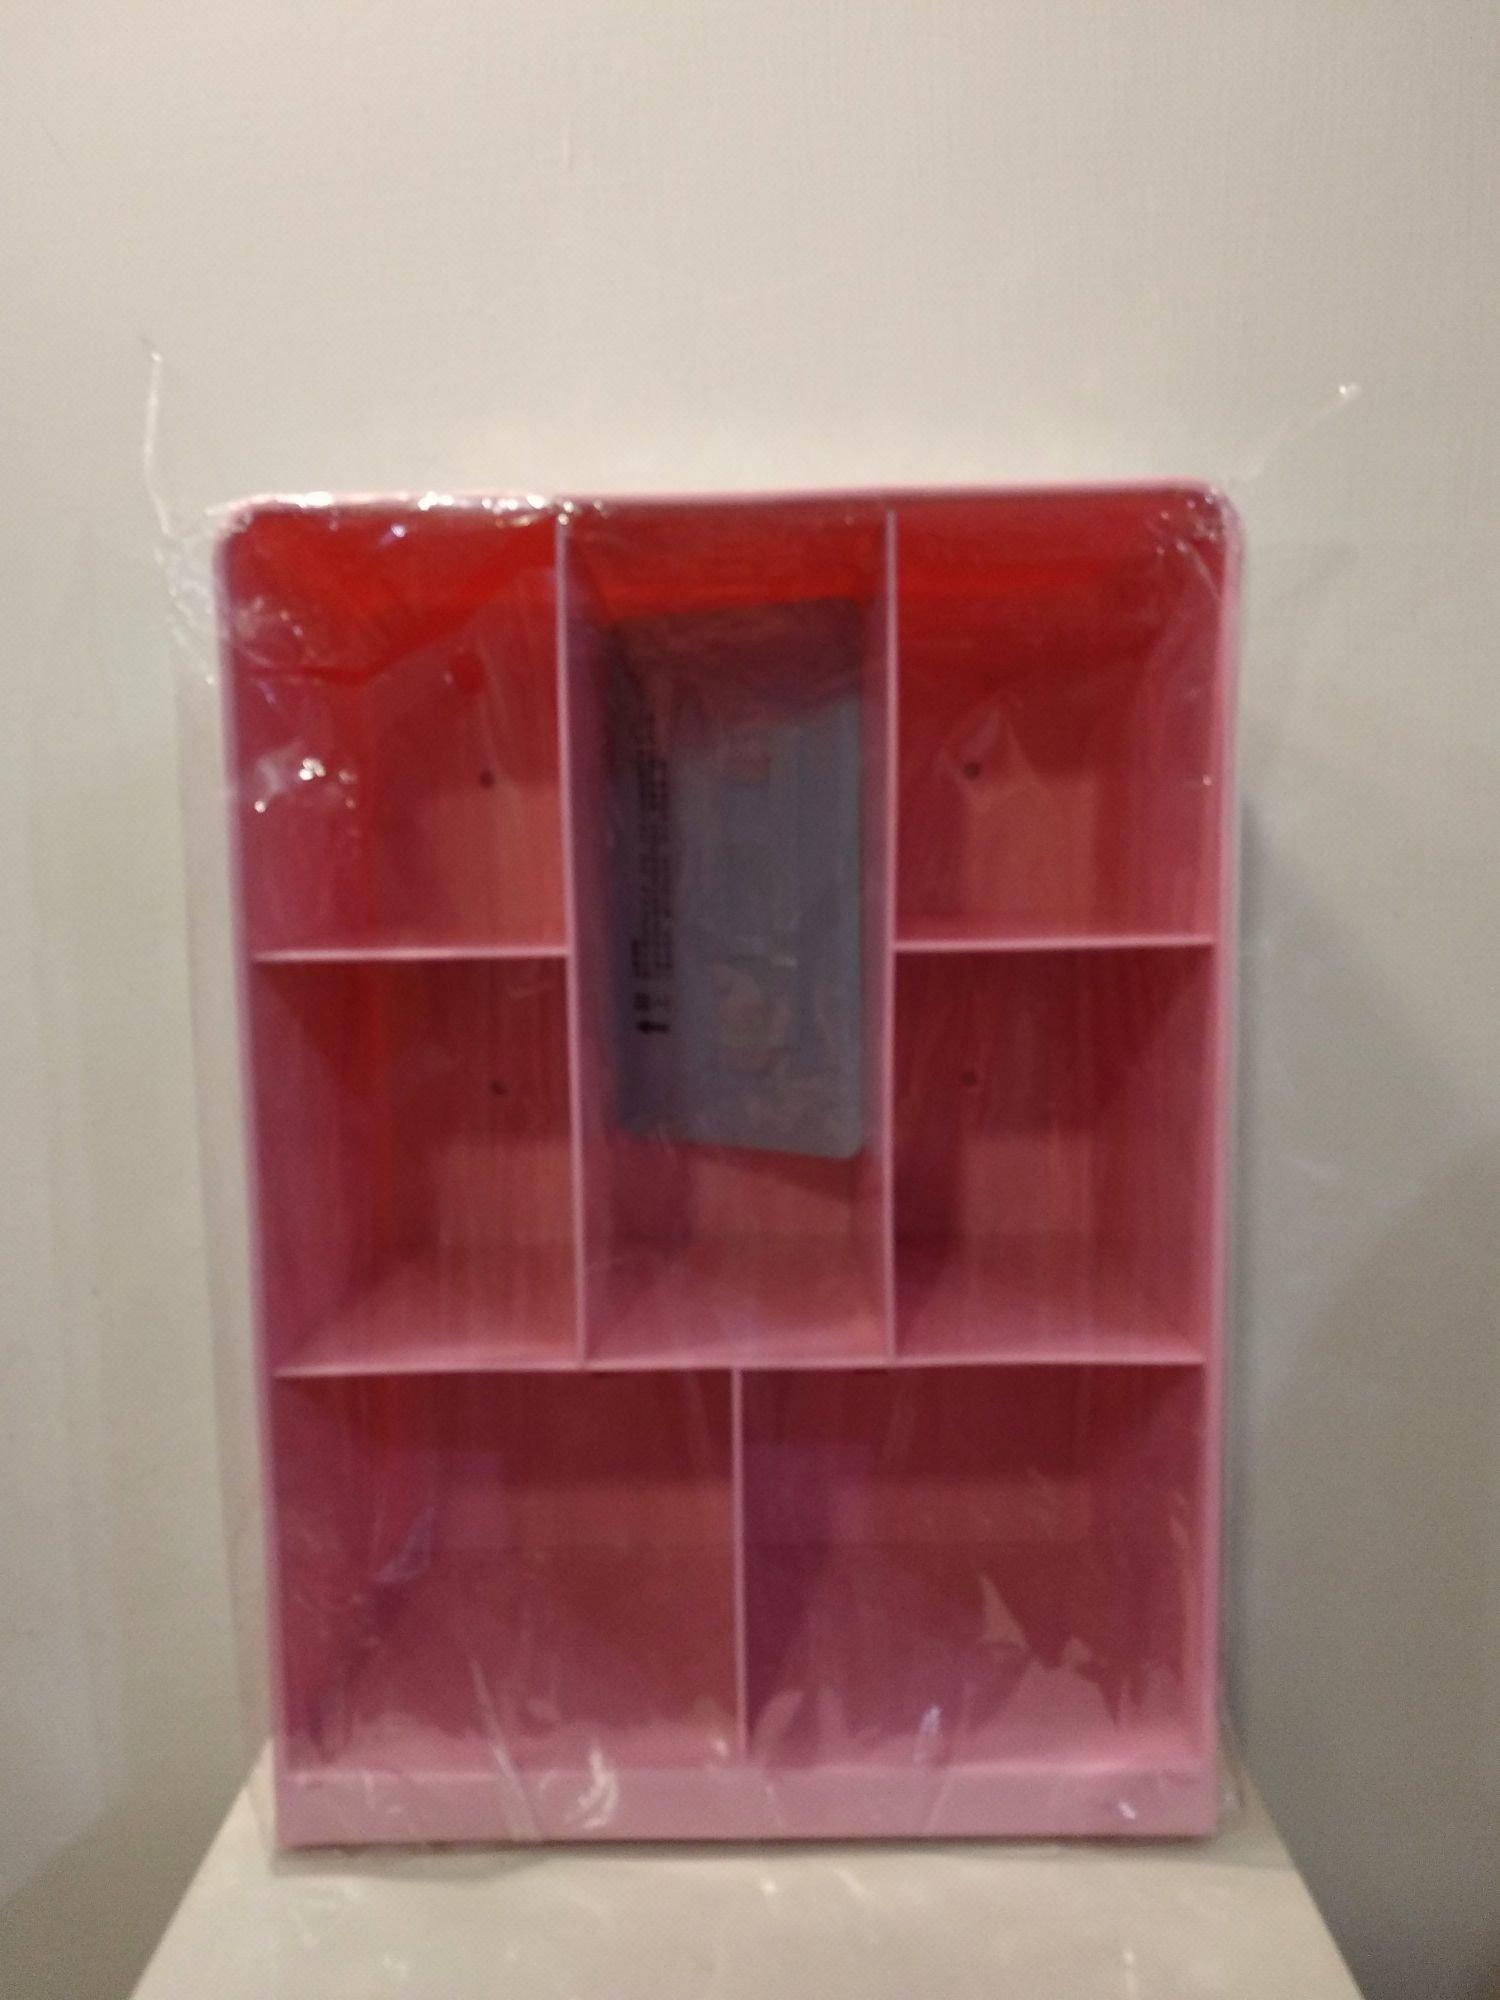 7分隔 粉藍 粉紅 置物架壁掛置物架 小收納櫃